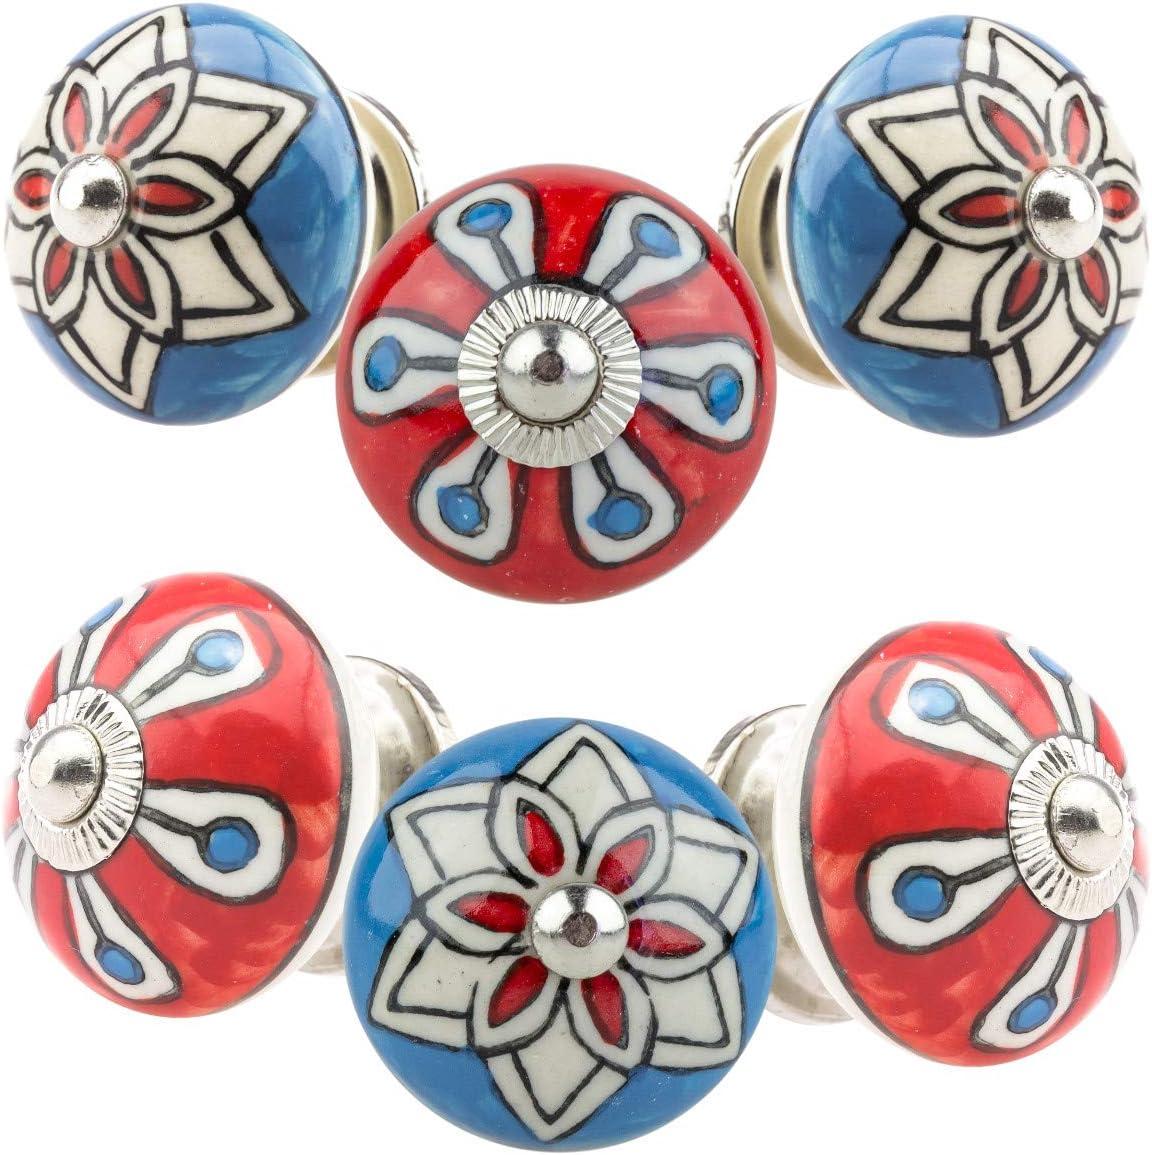 Jay Knopf 0100GN dise/ño vintage color azul y rojo Pomo para muebles 6 unidades, cer/ámica, pintado a mano